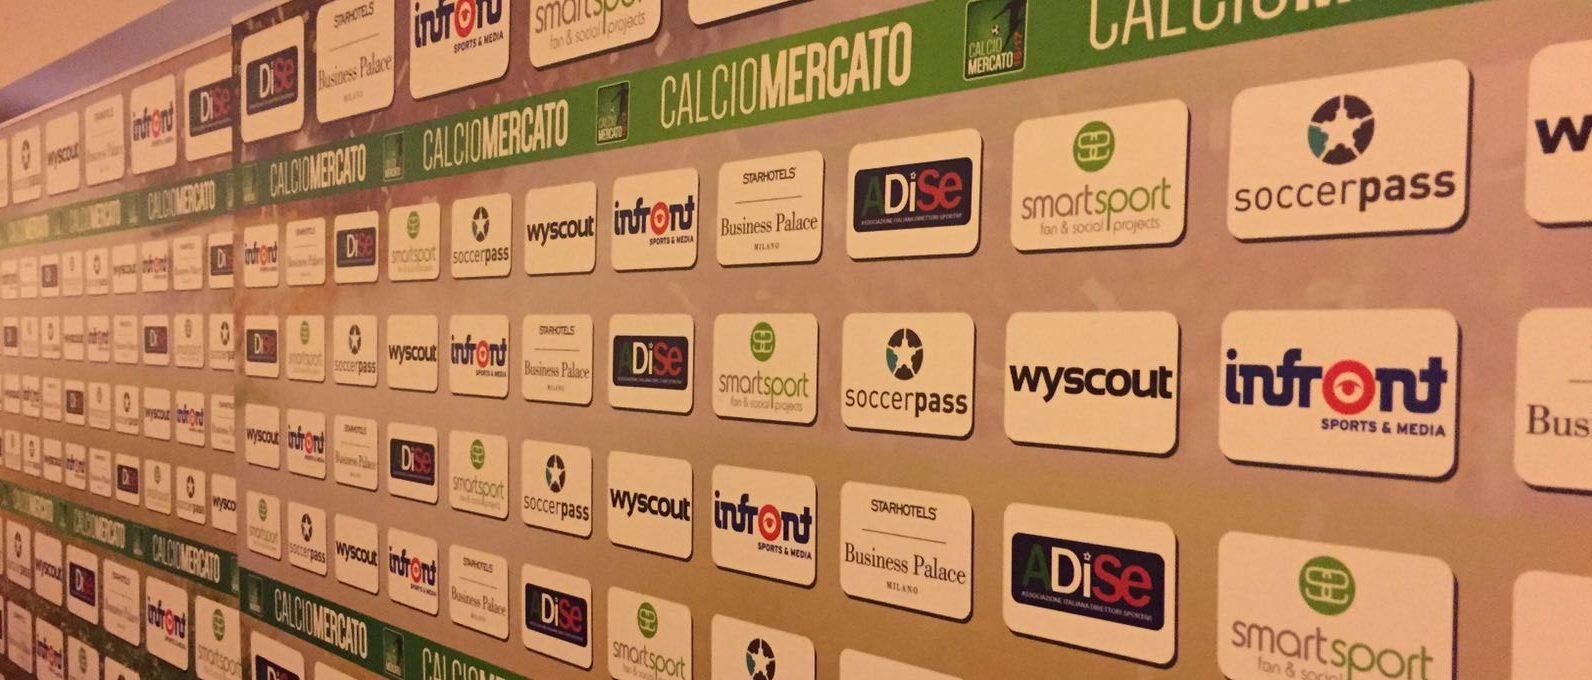 Calcio Mercato Estivo 2016-17